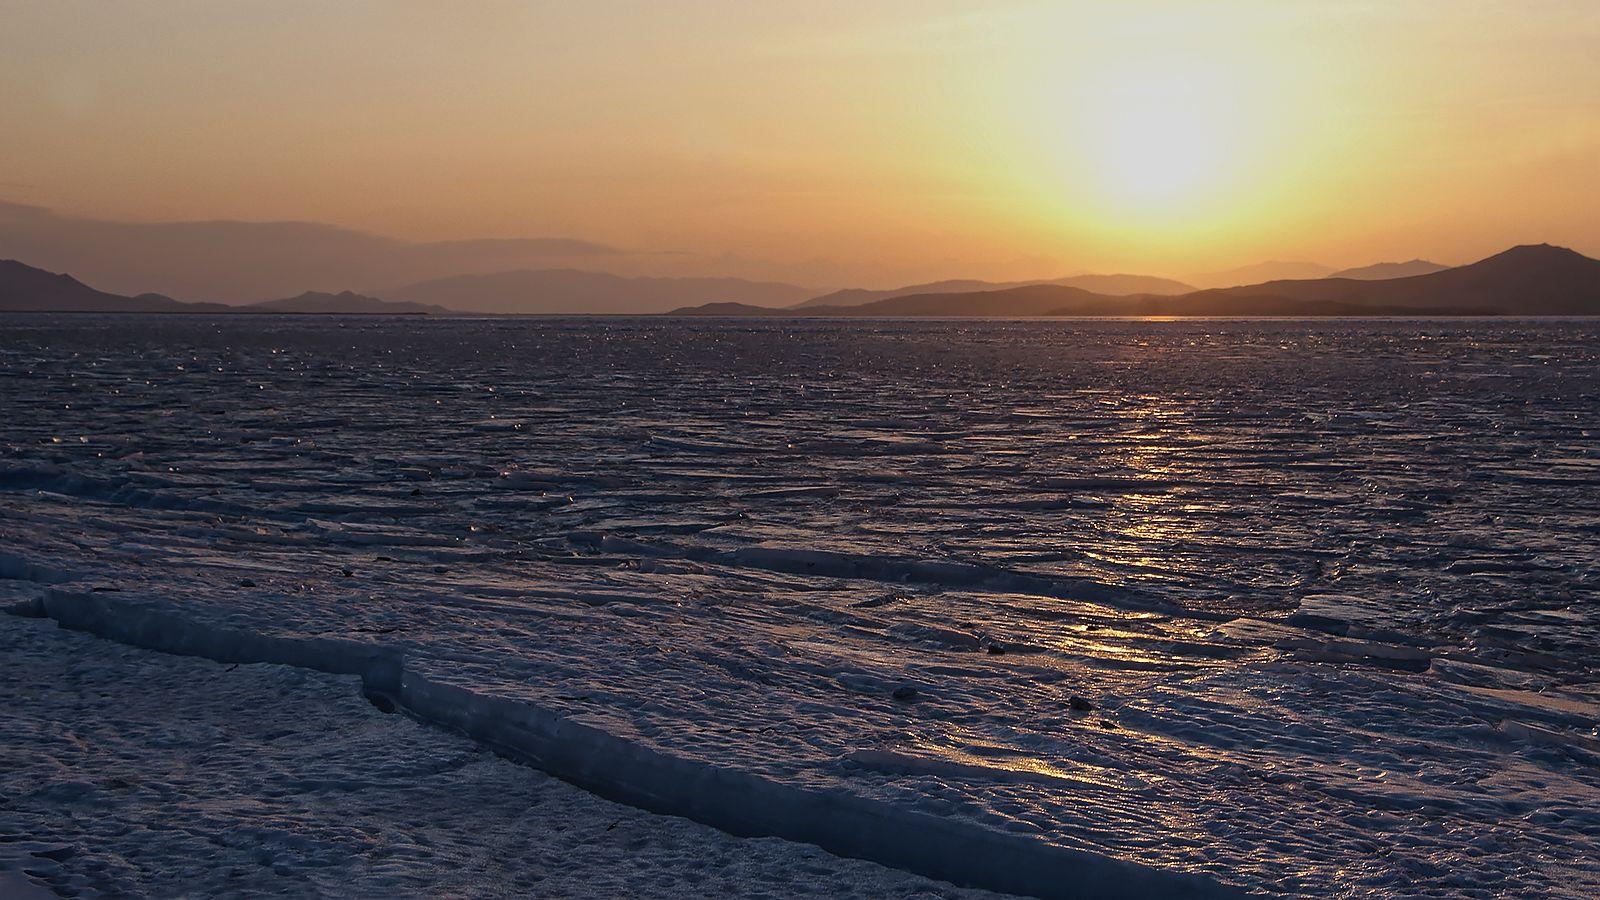 горы подлинные и мнимые в посьетском закате Посьет бухта Экспедиции Китай и Корея фантомные горы